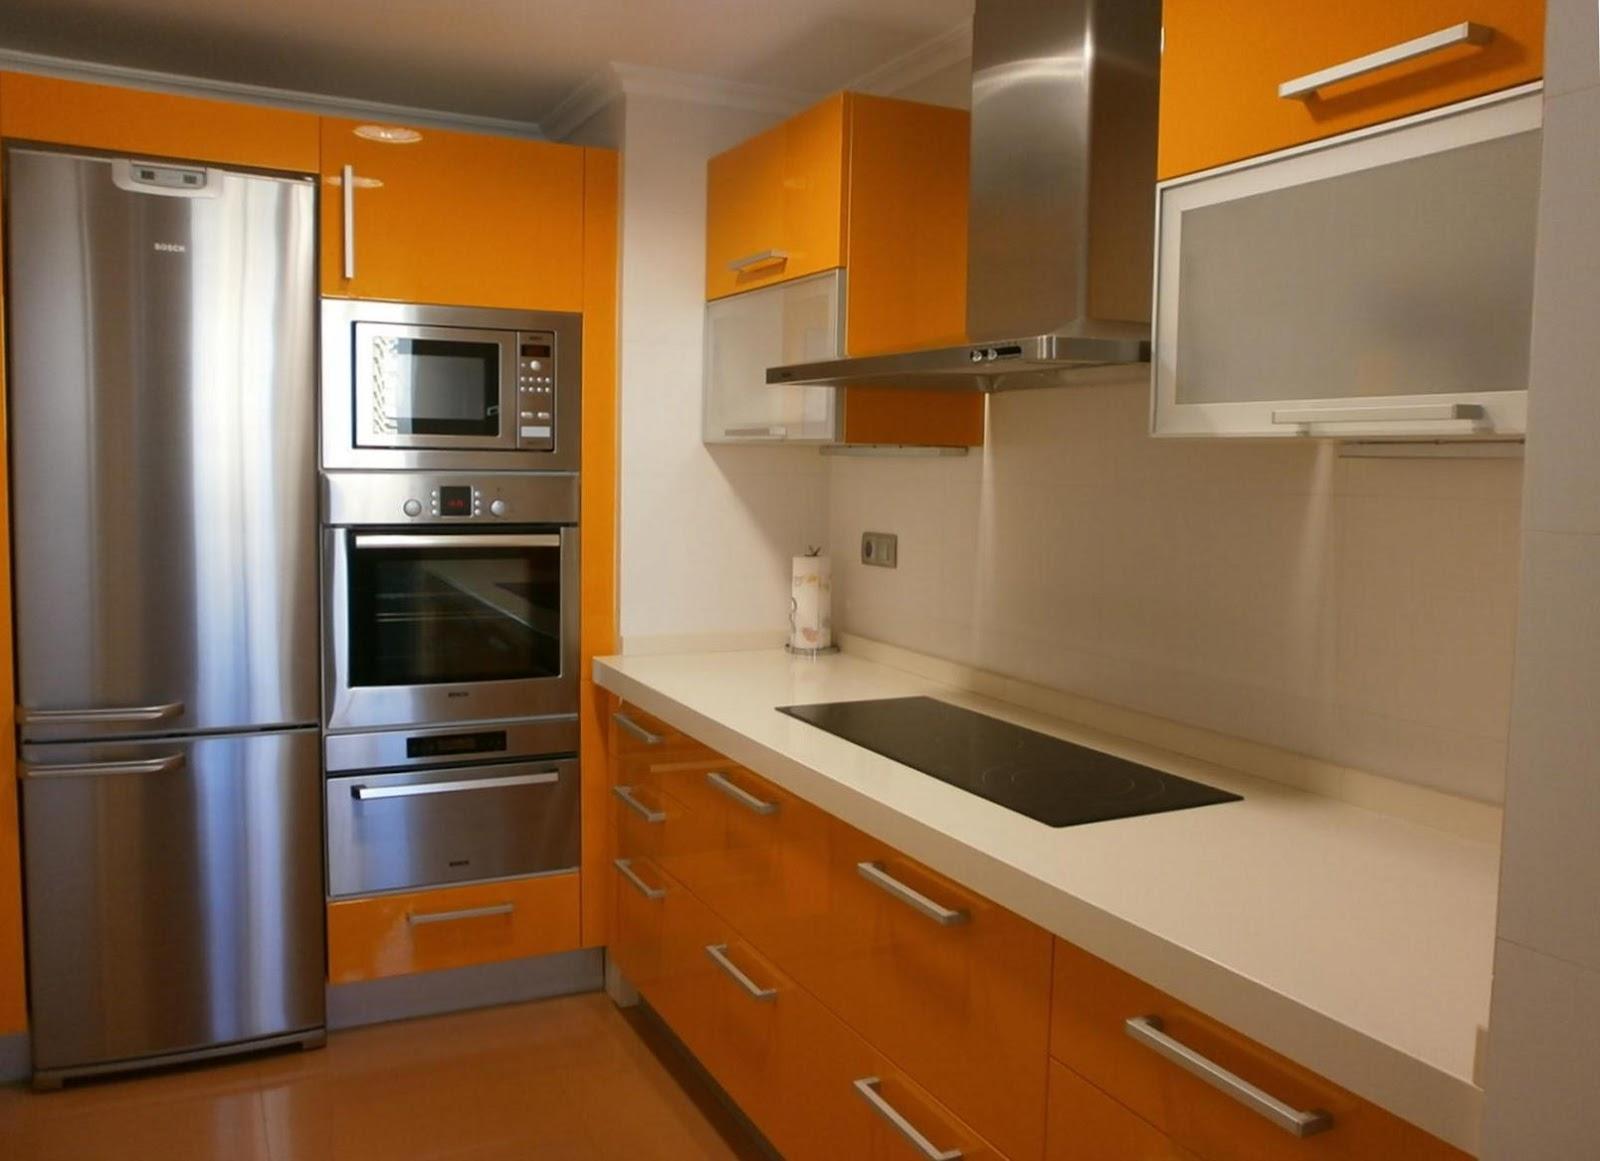 C mo distribuir el espacio en la cocina cocinas con estilo for Cocinas en u modernas